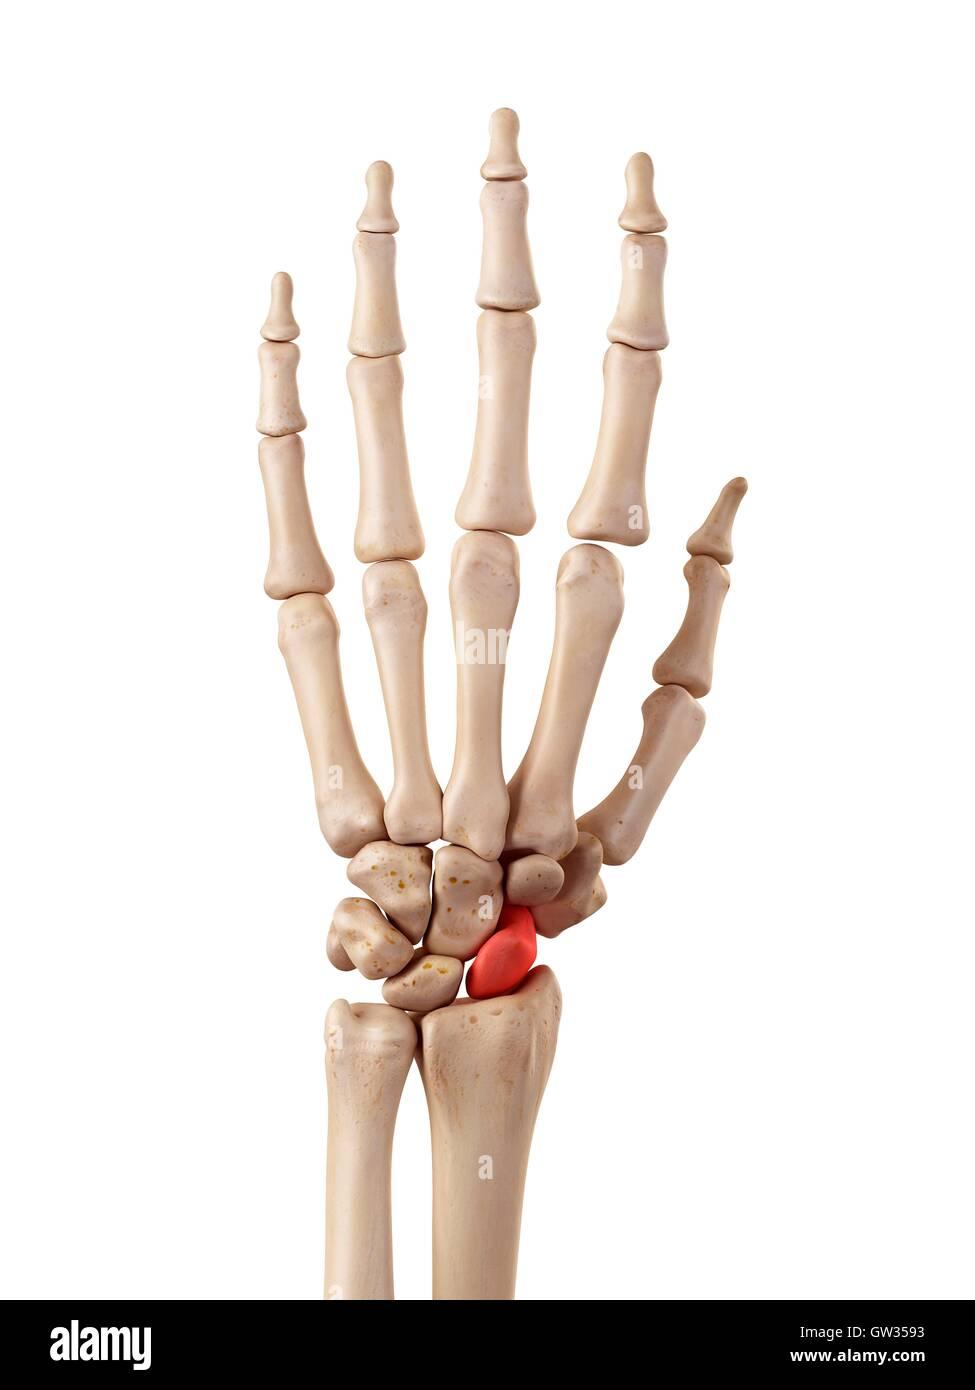 Menschliche Hand Knochen, Abbildung Stockfoto, Bild: 118698639 - Alamy